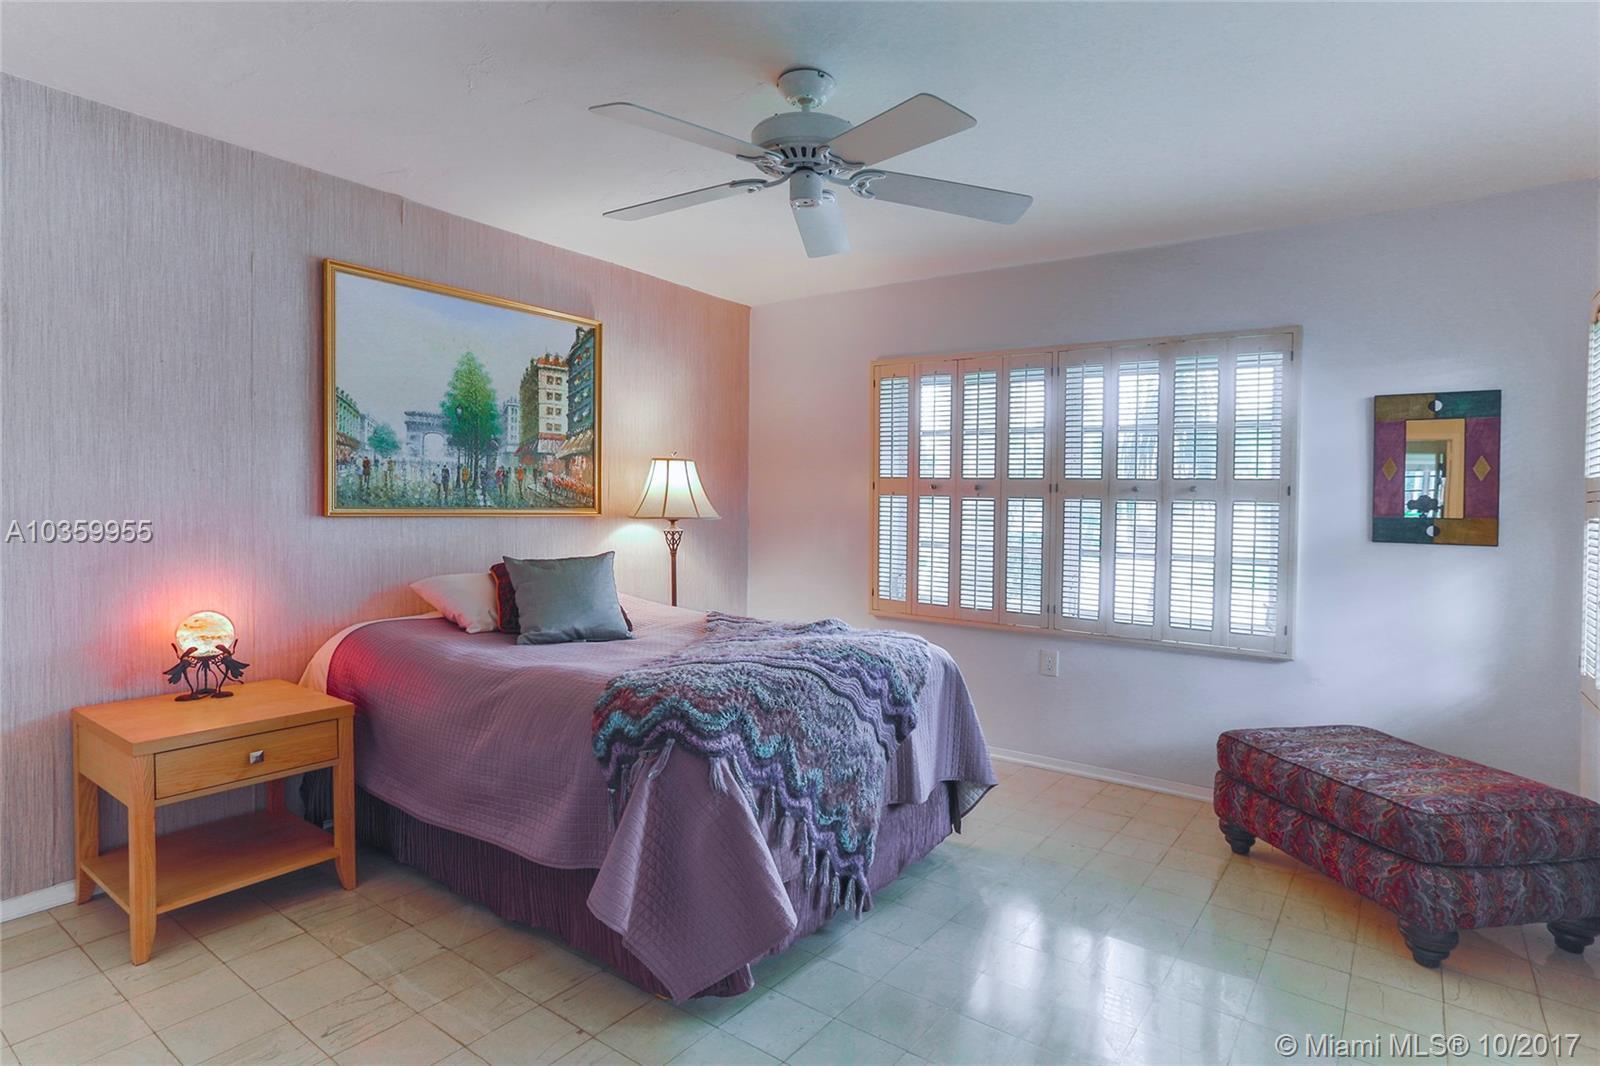 9217 Byron Ave, Surfside , FL 33154